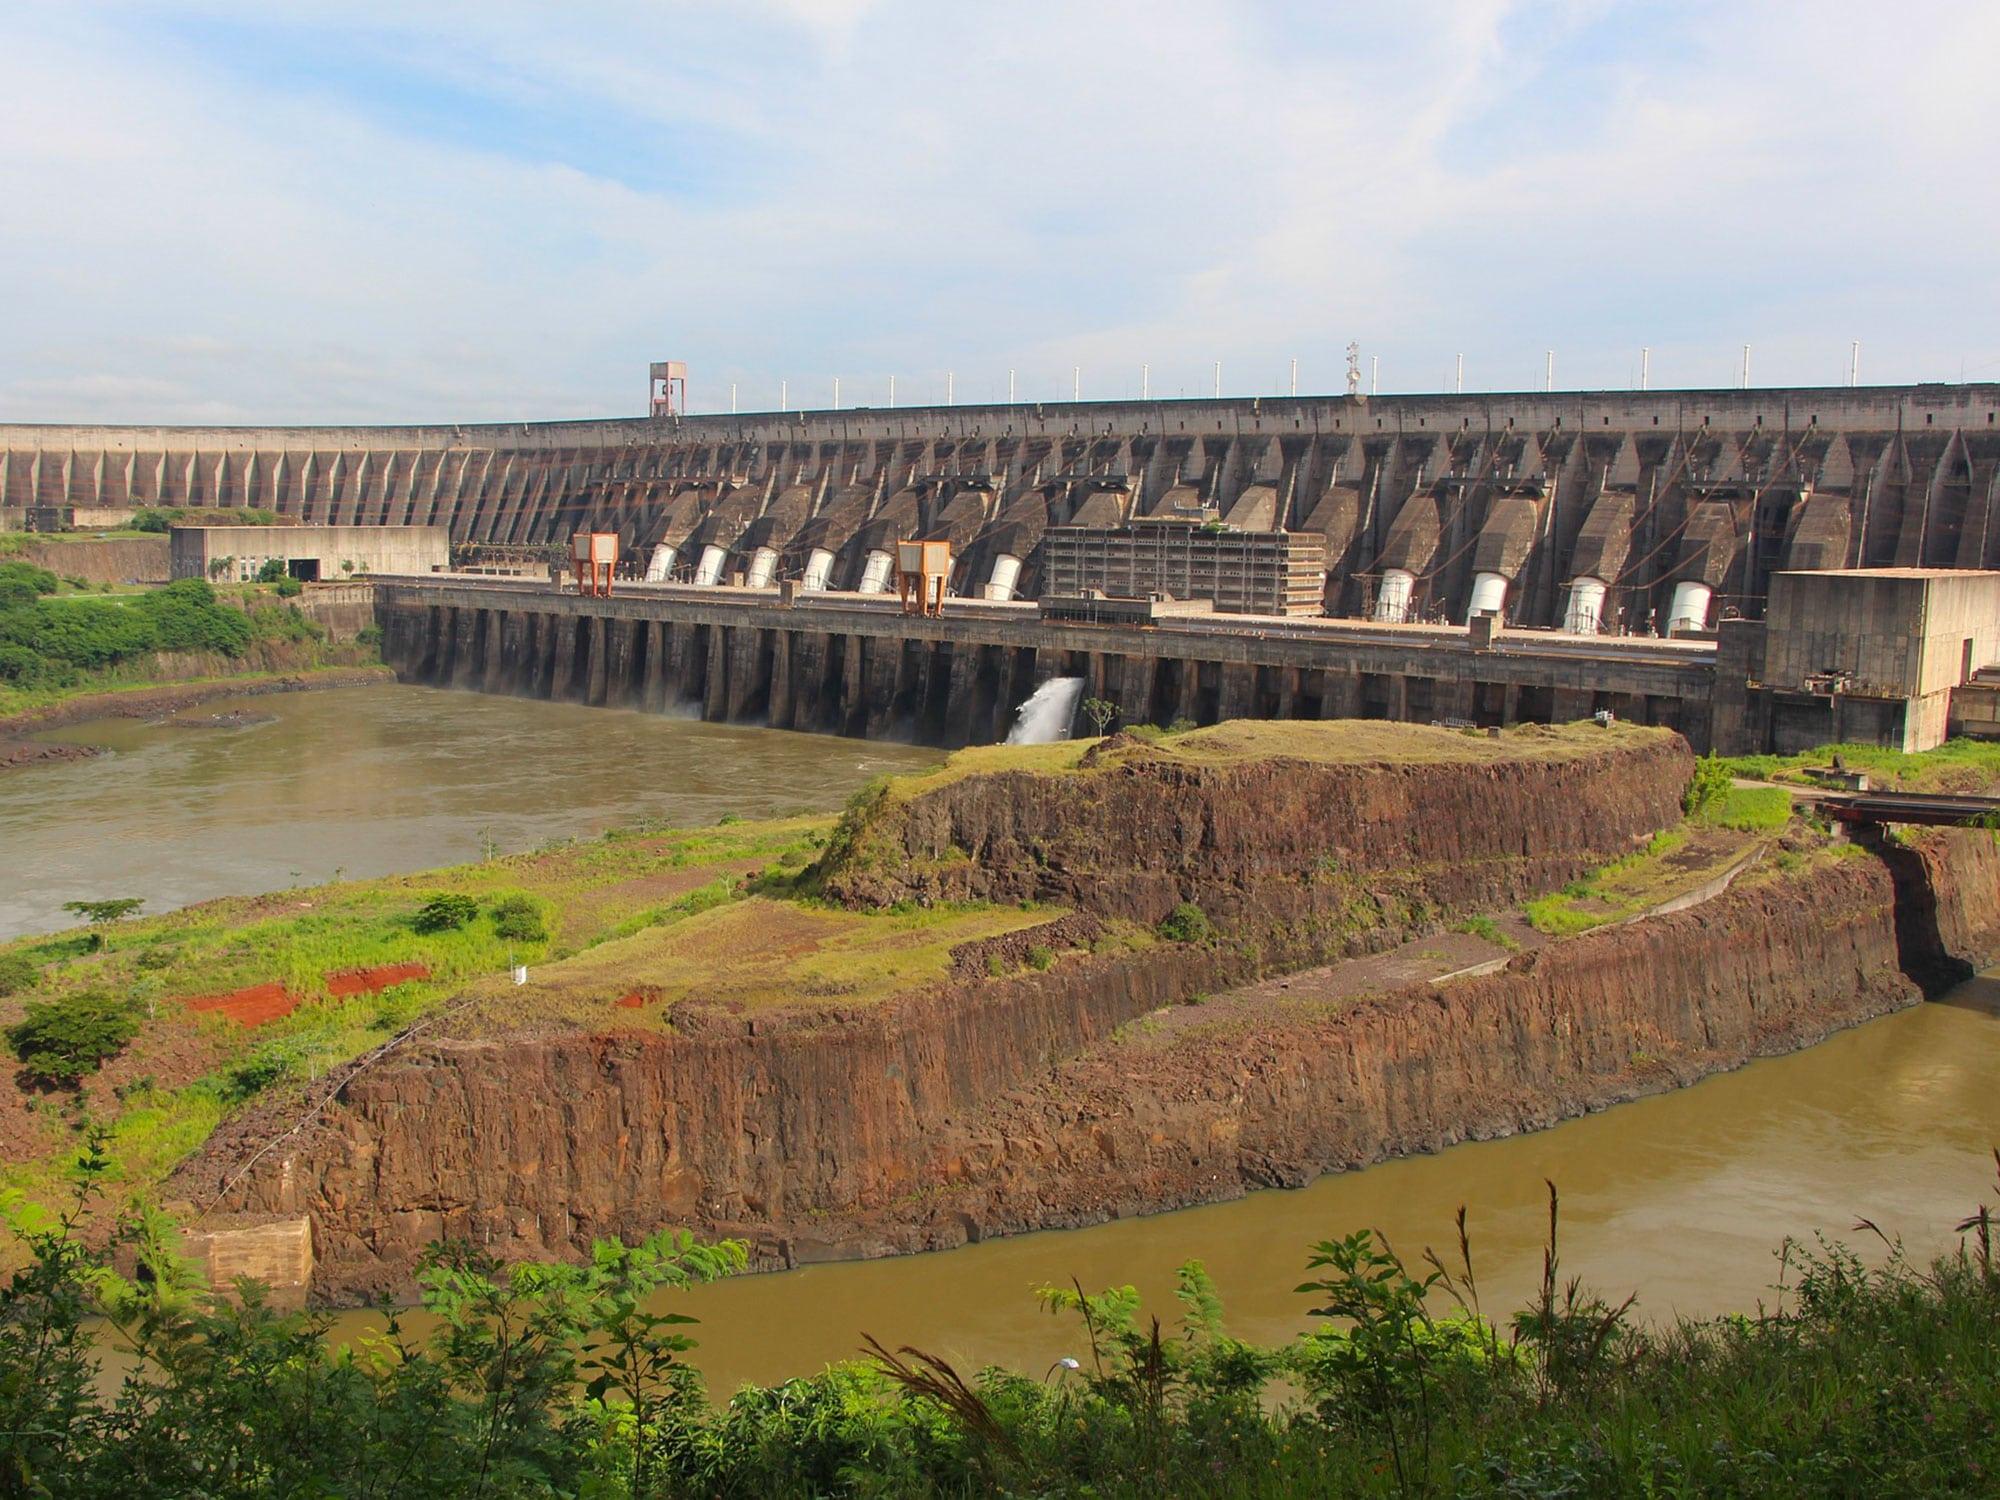 foto di una centrale idroelettrica